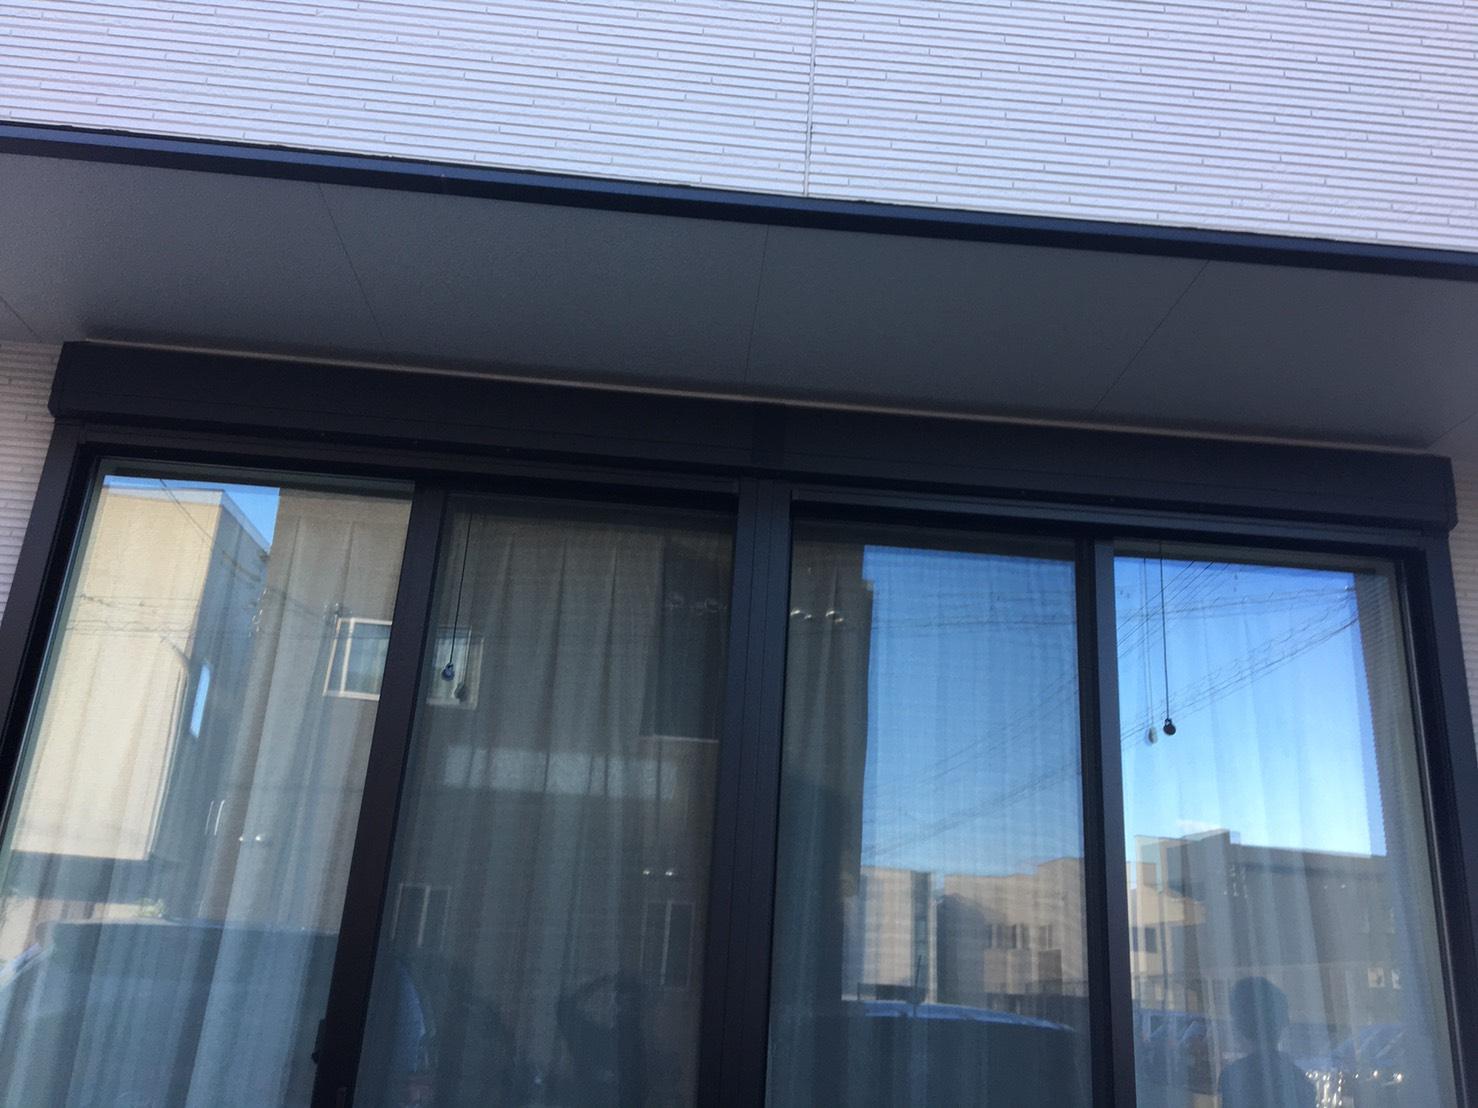 愛知県 夏場の暑さ対策 リクシル スタイルシェード取付 事前調査【ホンダトーヨー住器株式会社】